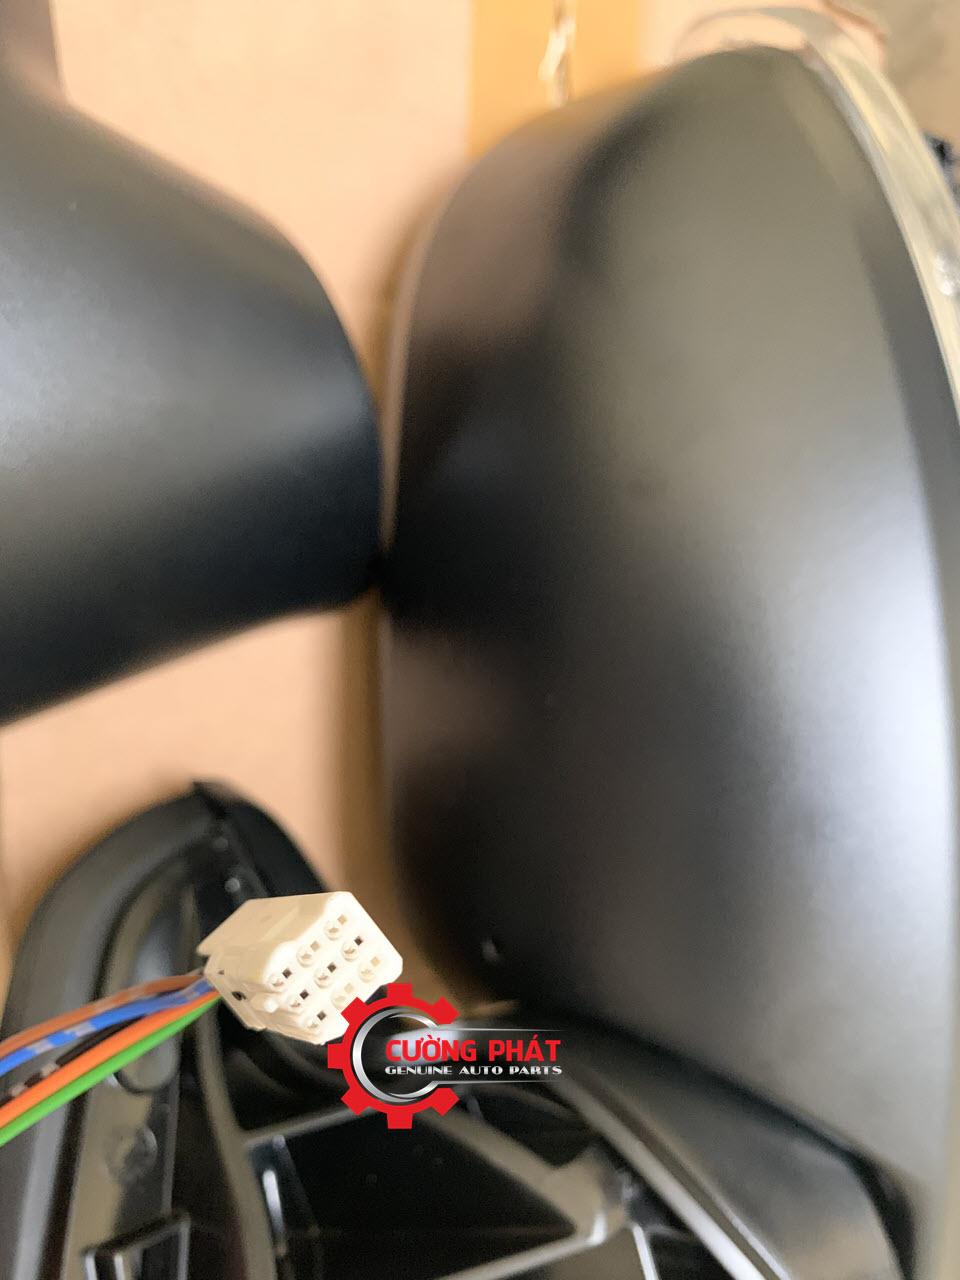 Giắc gương chiếu hậu Xpander cơ không gập điện chính hãng